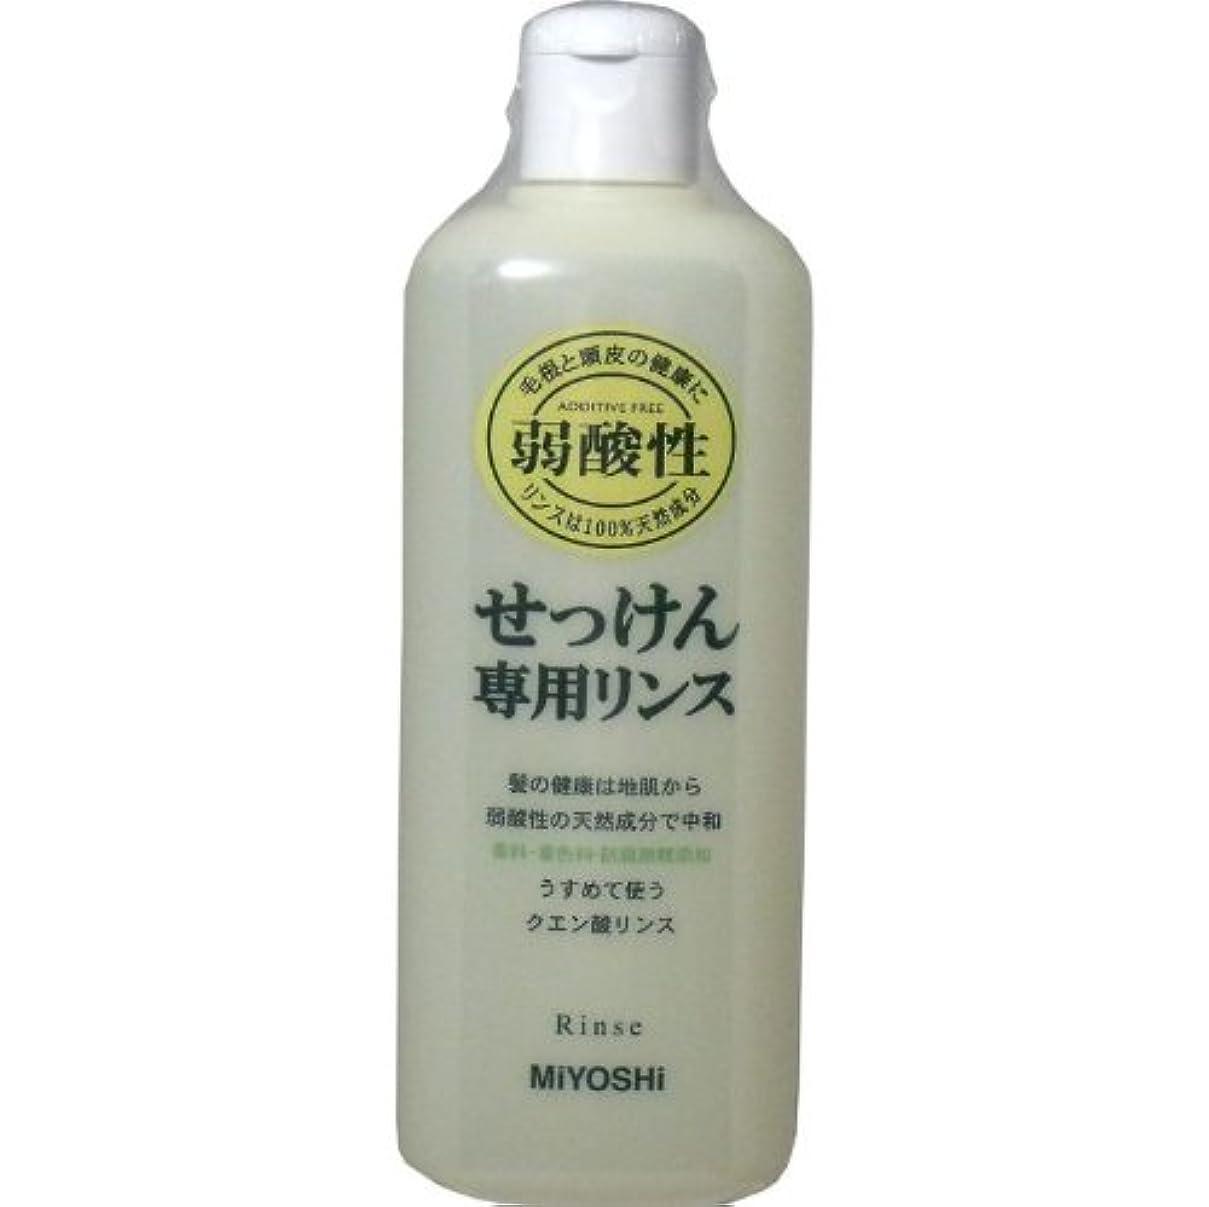 環境保護主義者書誌補償髪の健康は地肌から、弱酸性の天然成分で中和!!香料、防腐剤、着色料無添加!うすめて使うクエン酸リンス!リンス 350mL【5個セット】